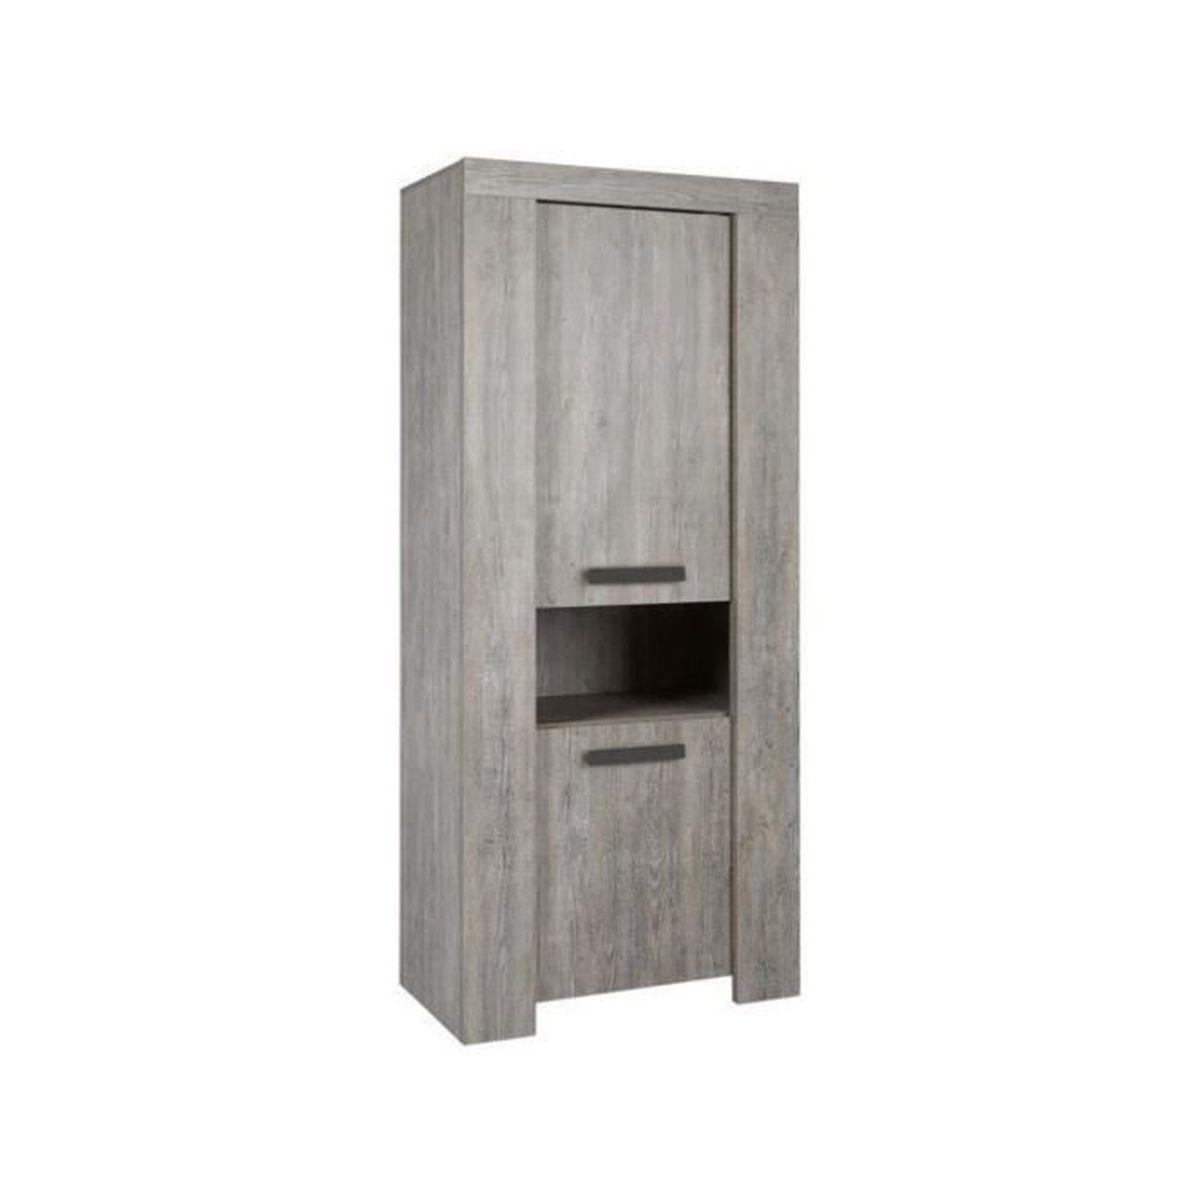 meuble de rangement contemporain en colonne 85 cm Résultat Supérieur 50 Bon Marché Petit Meuble Contemporain Galerie 2018 Ksh4